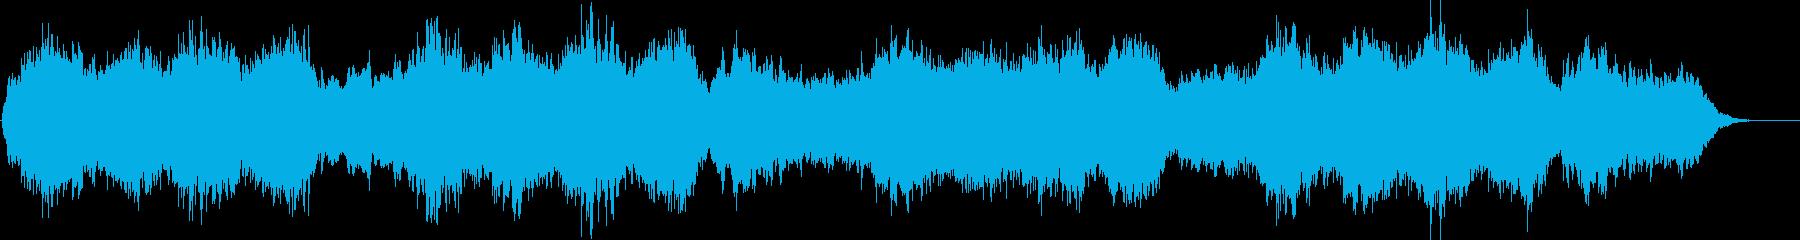 不思議で独特なメロディーの再生済みの波形